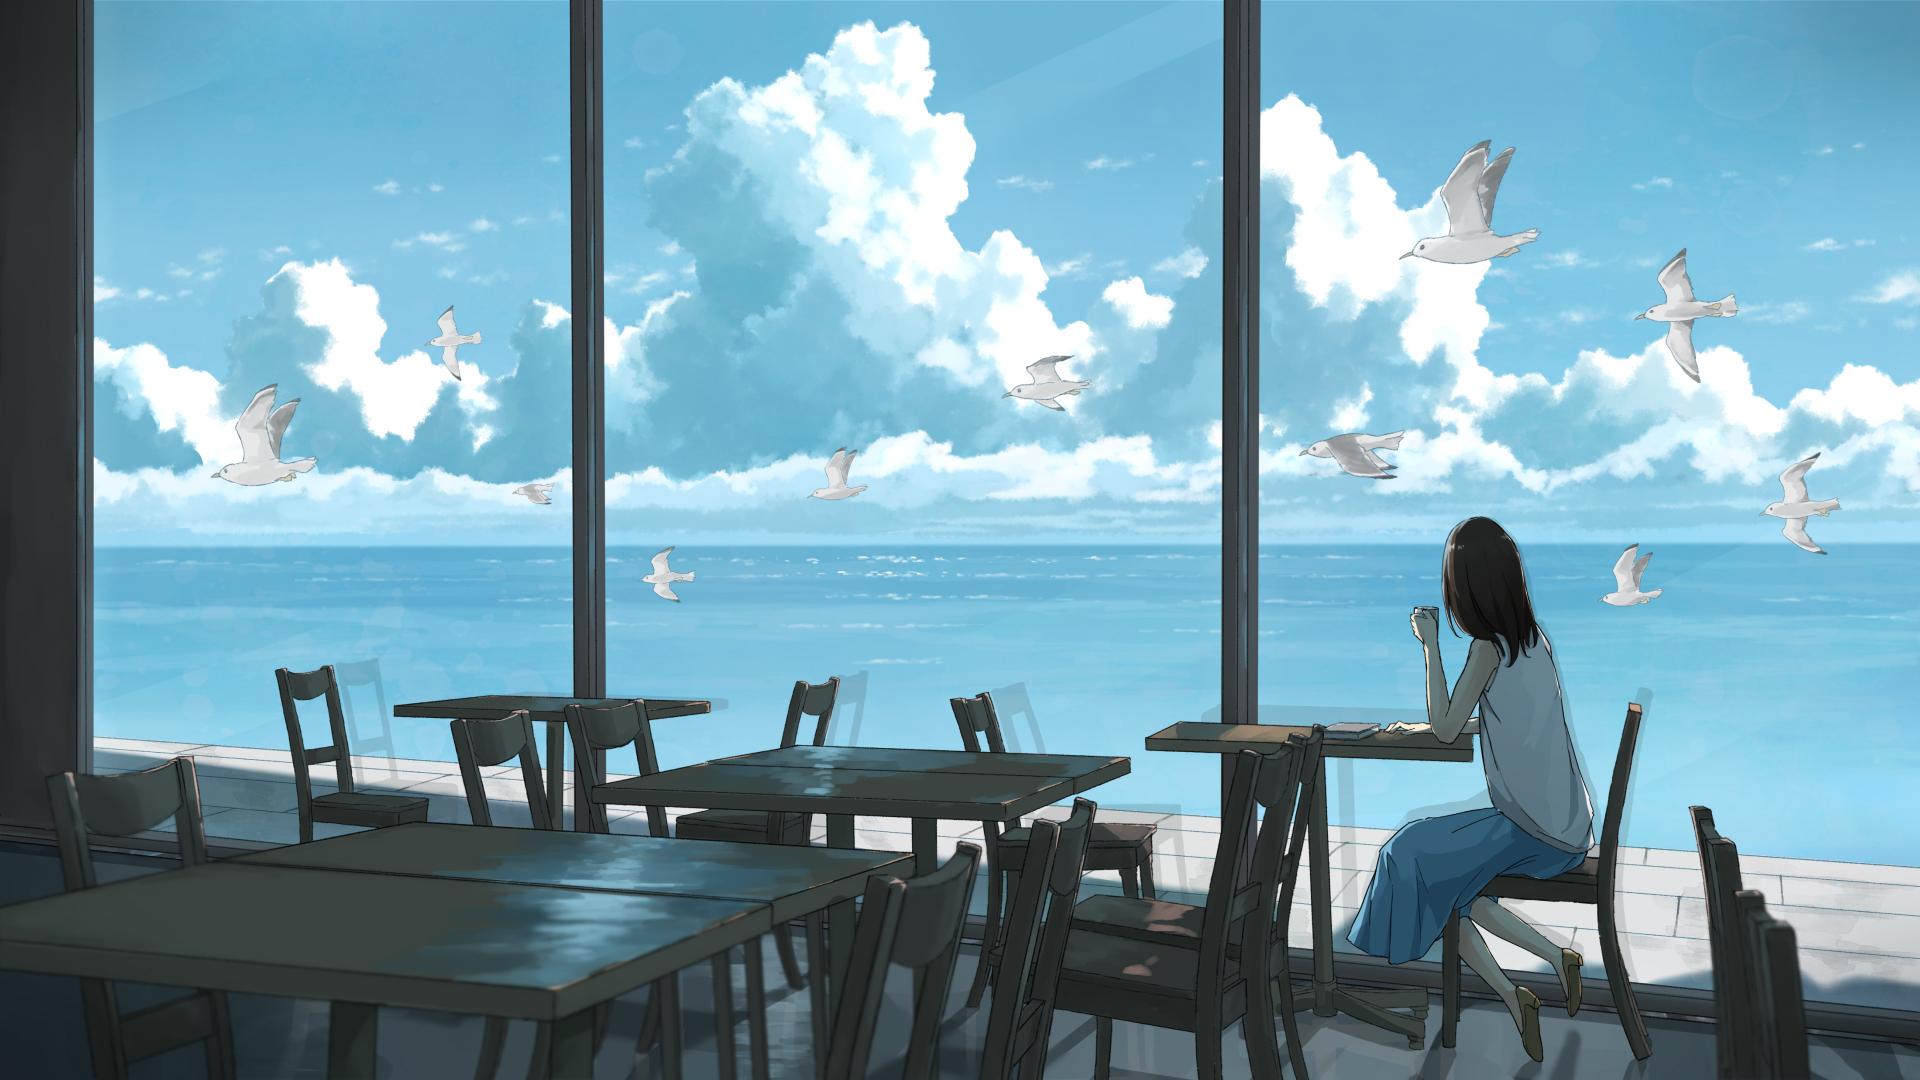 动漫卡通,海洋和天空,咖啡厅,鸽子,海鸥